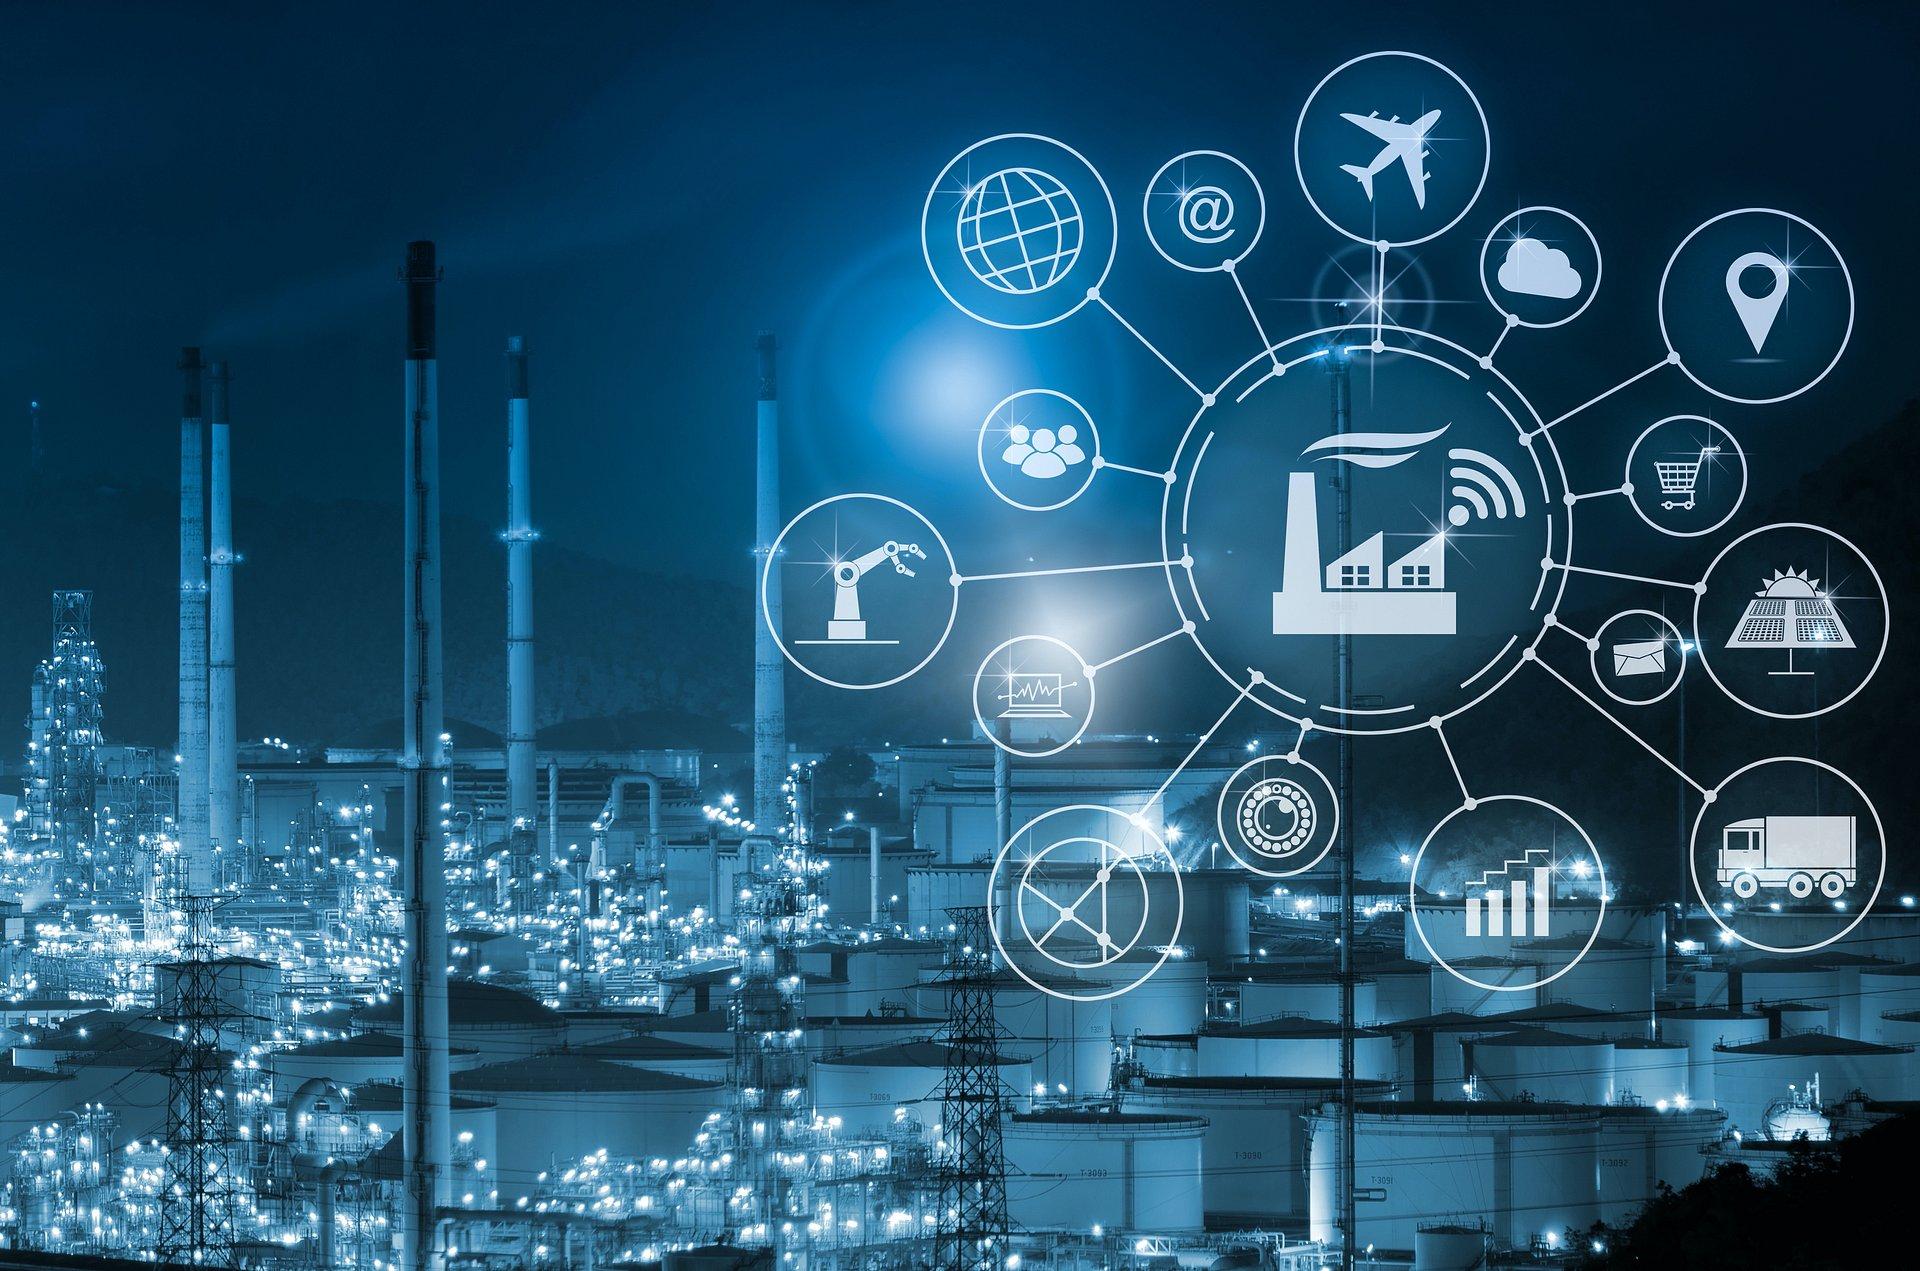 Rynek i rozwój produktów do wsparcia procesów logistycznych i magazynowych w przedsiębiorstwie